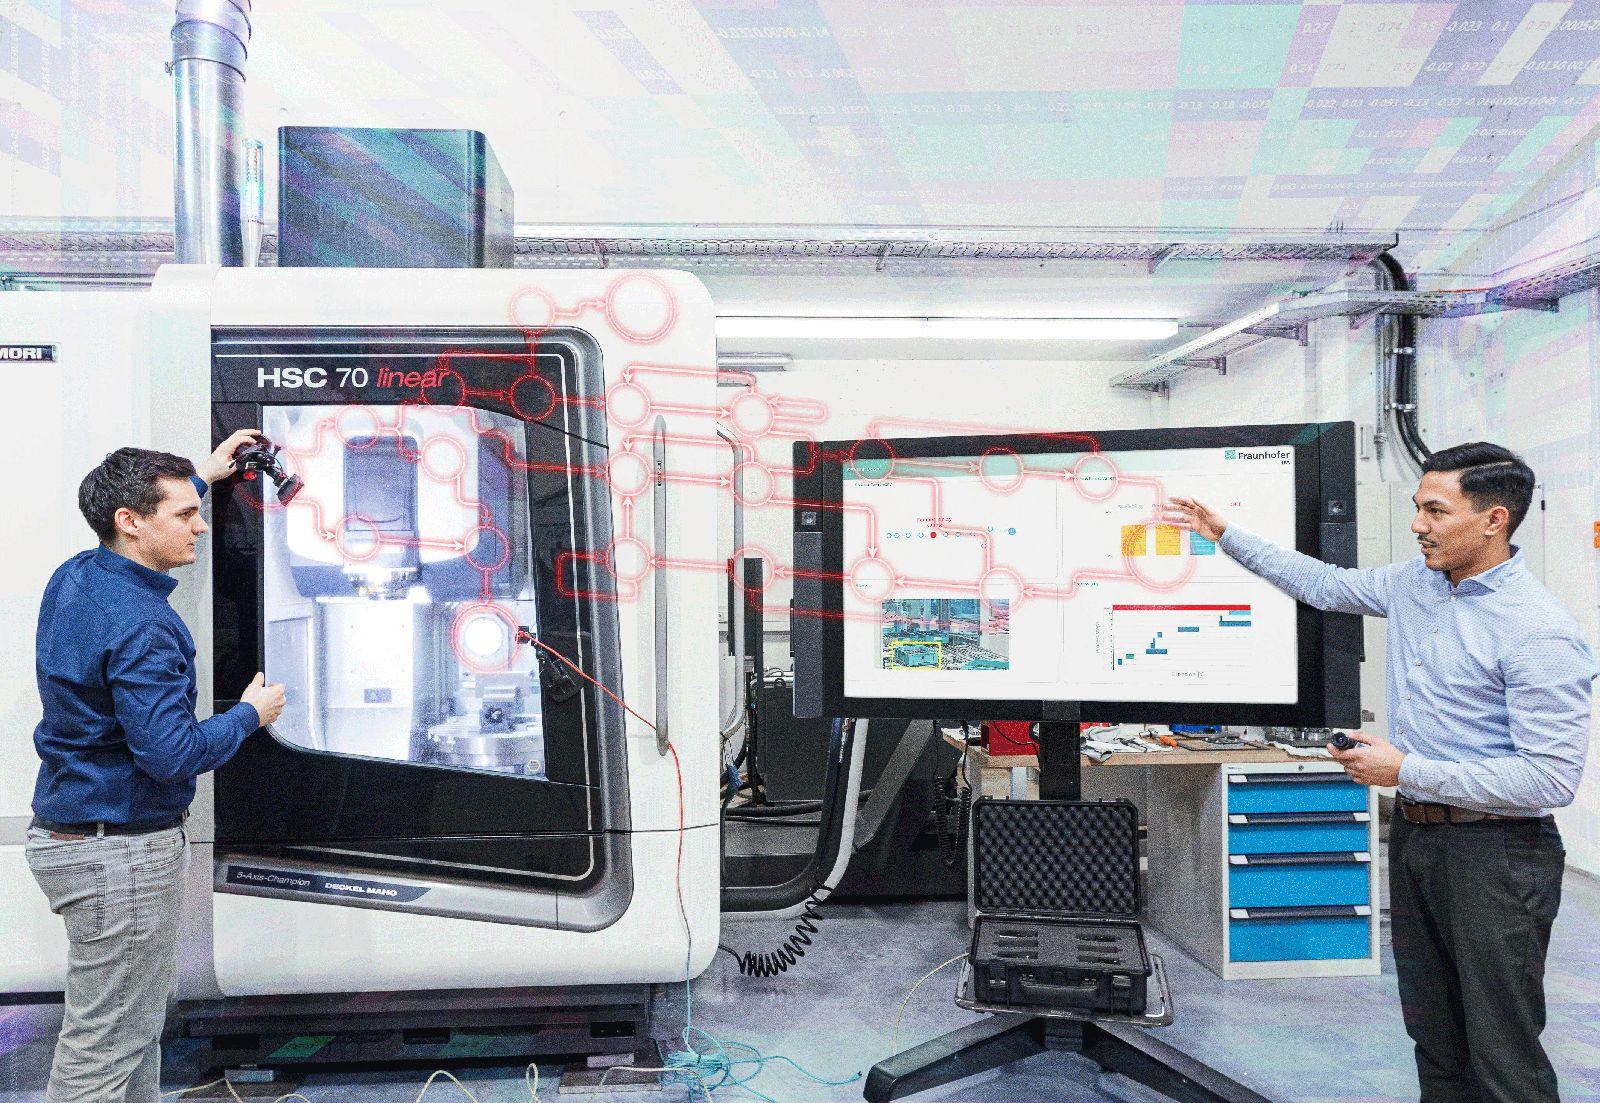 Das Verhaltensmodell und der Effizienzgrad der Anlage werden visuell am Monitor dargestellt.